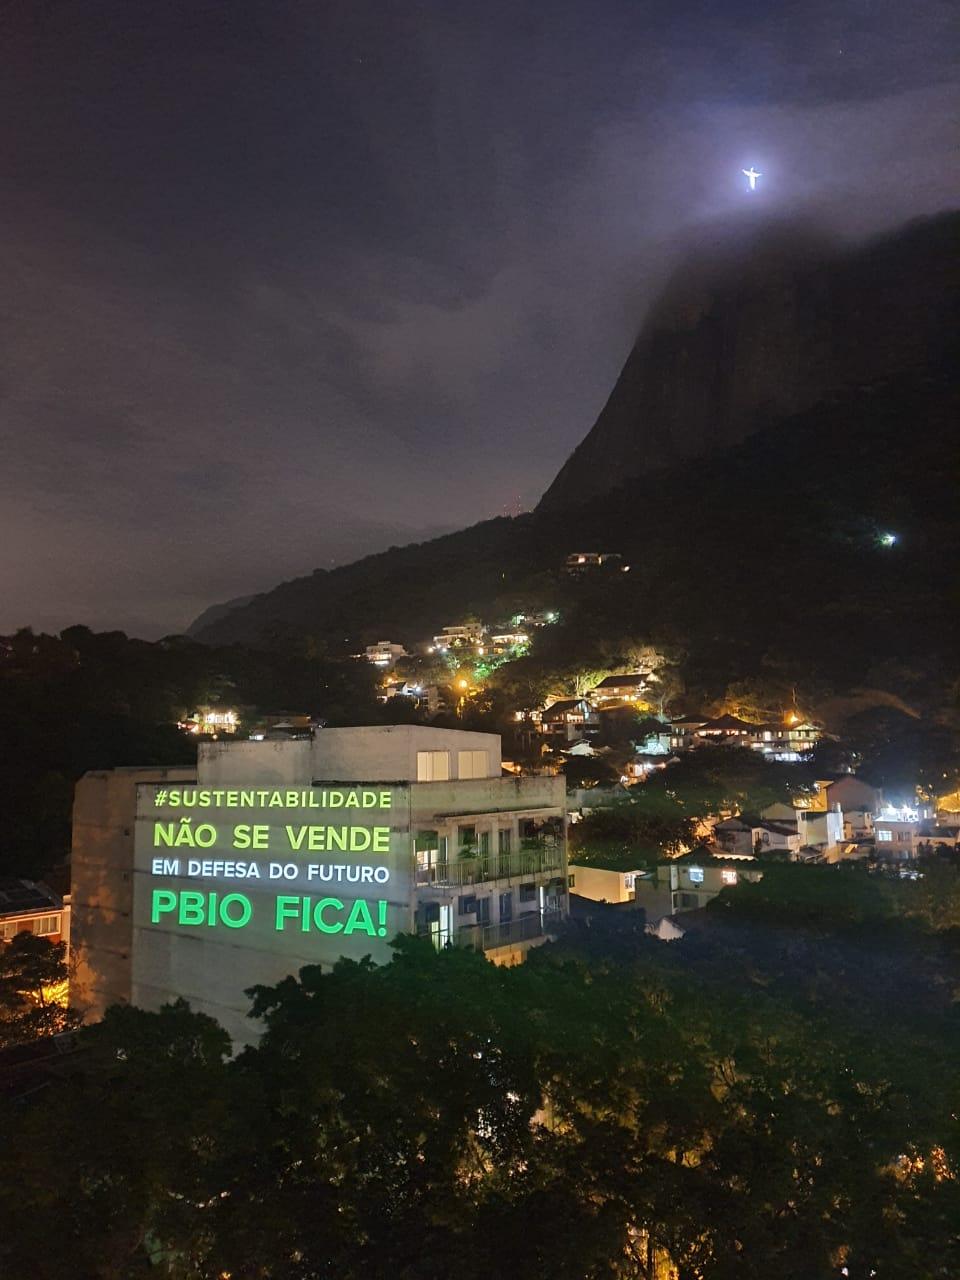 Rio de Janeiro | Projeção em prédio evidencia greve da PBio e denuncia privatização da Petrobrás